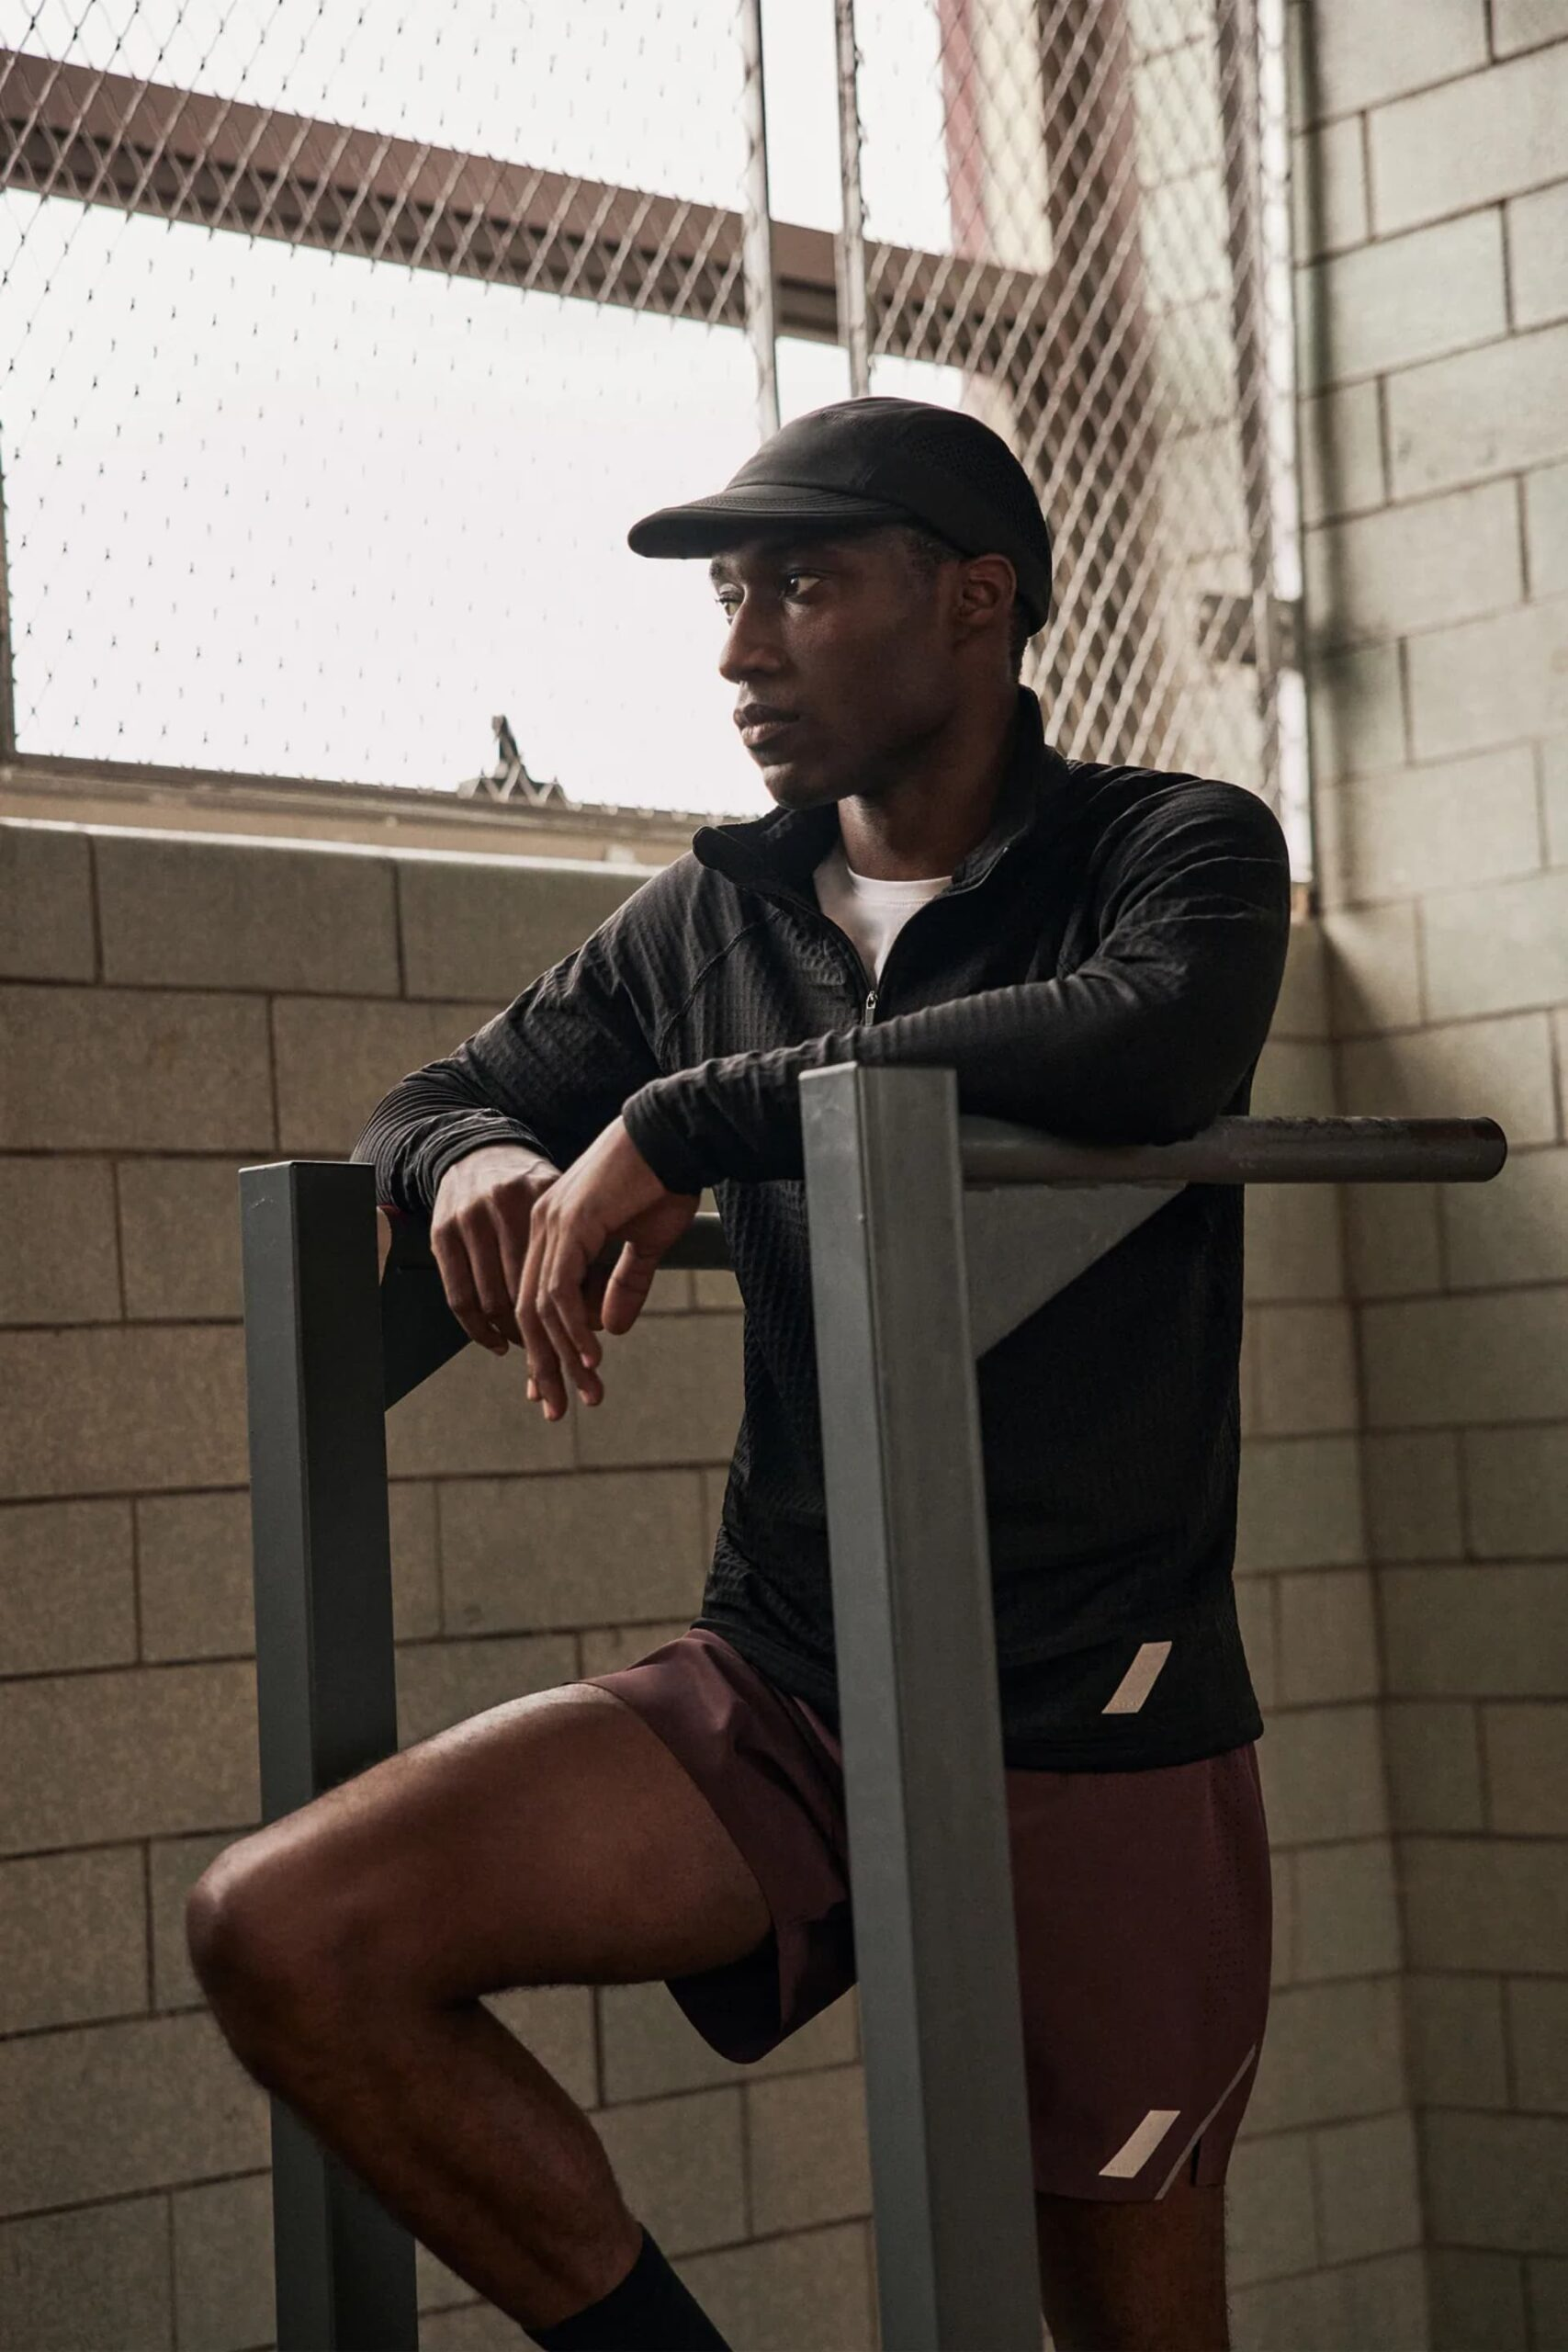 Zara presentó su colección deportiva masculina más innovadora